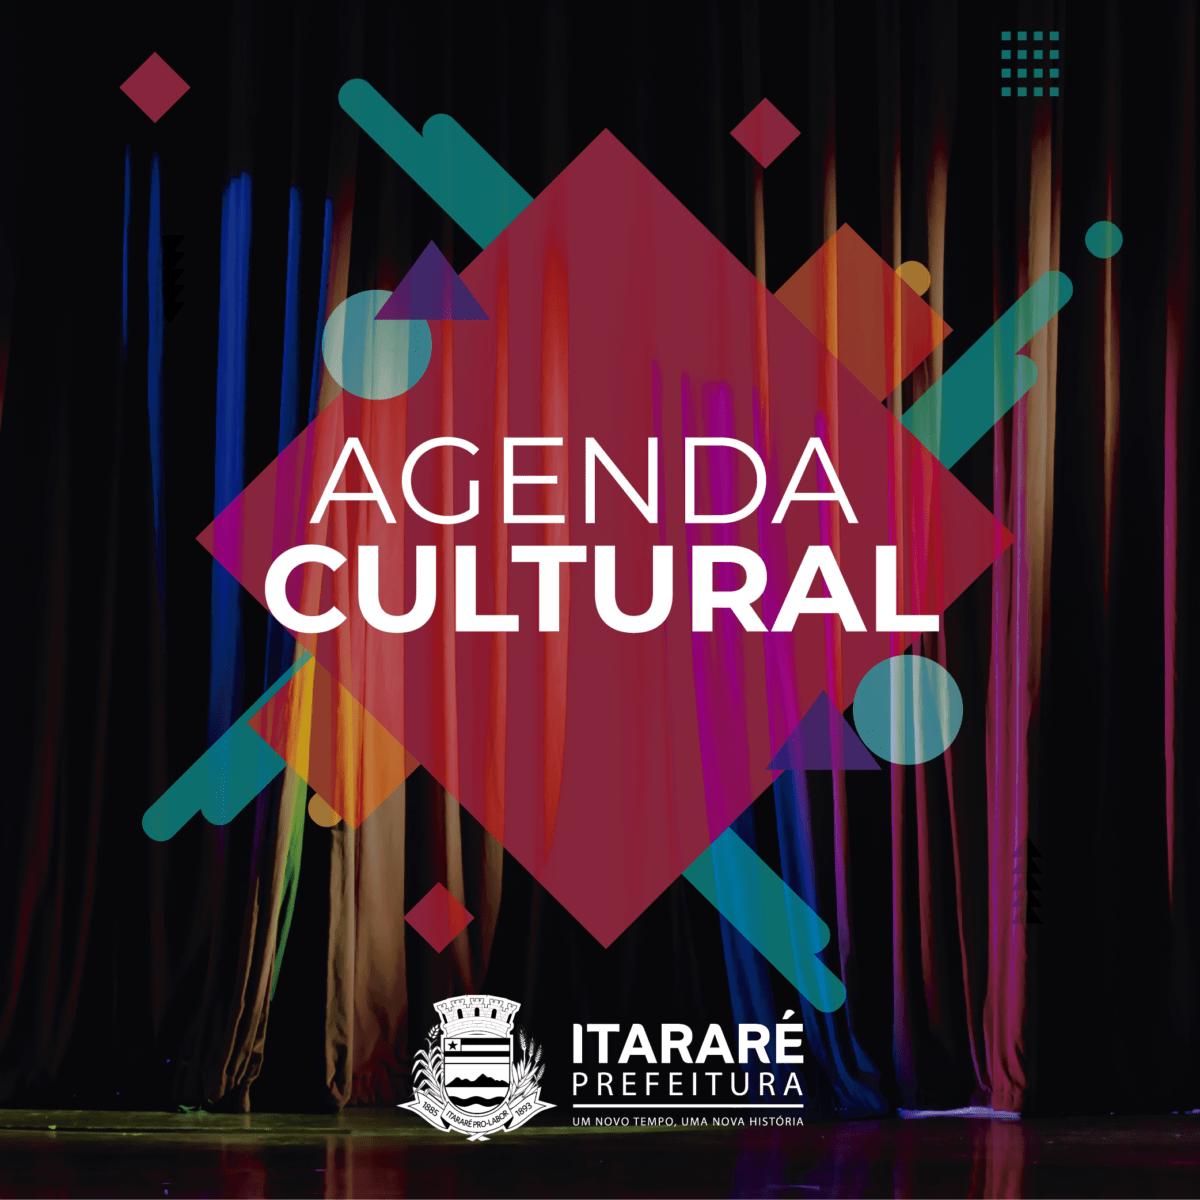 Agenda Cultural: Prefeitura de Itararé (SP) promove atrações em comemoração ao Dia das Crianças